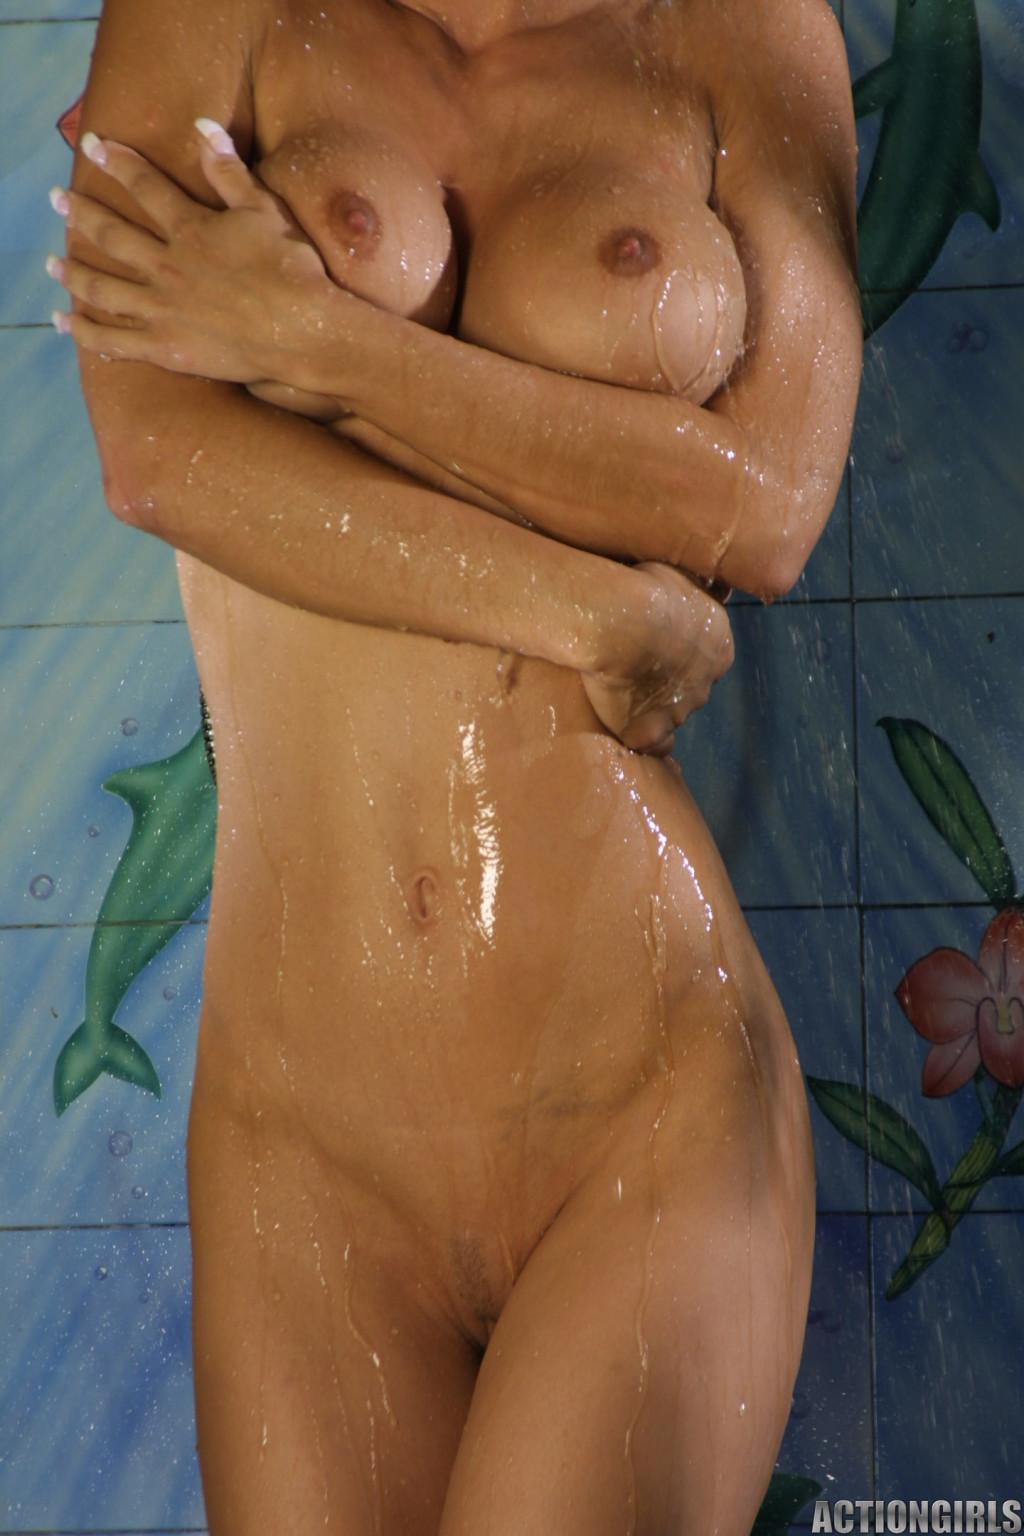 Джессика принимает публичный душ